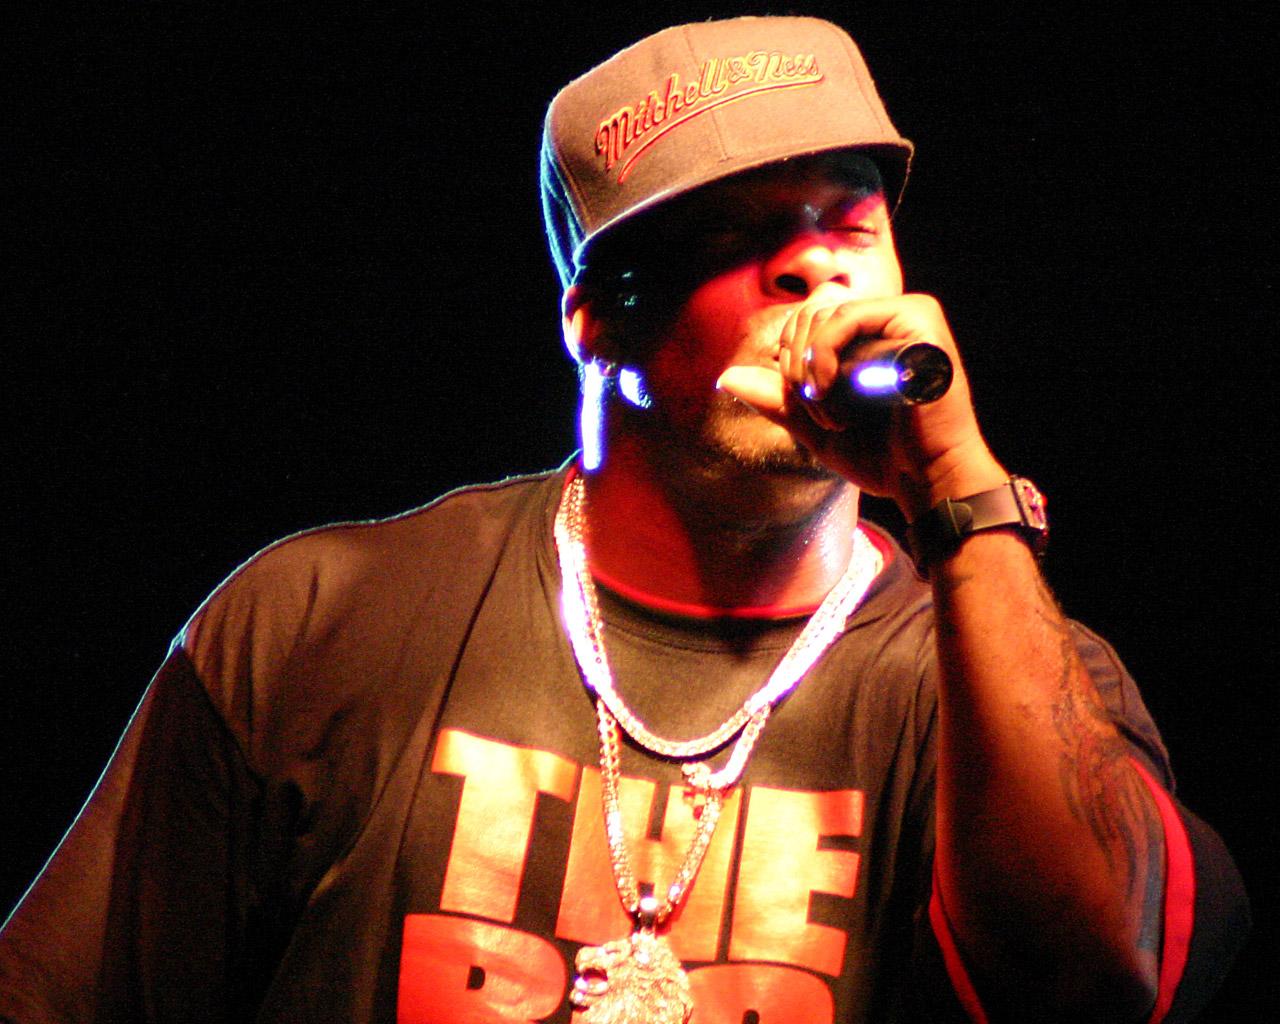 http://1.bp.blogspot.com/_BMN5ZUur_74/TT5ZWHiZHHI/AAAAAAAAAD8/WbGIR3HuhZM/s1600/rap-busta-rhymes-wallpapers-1280.jpg